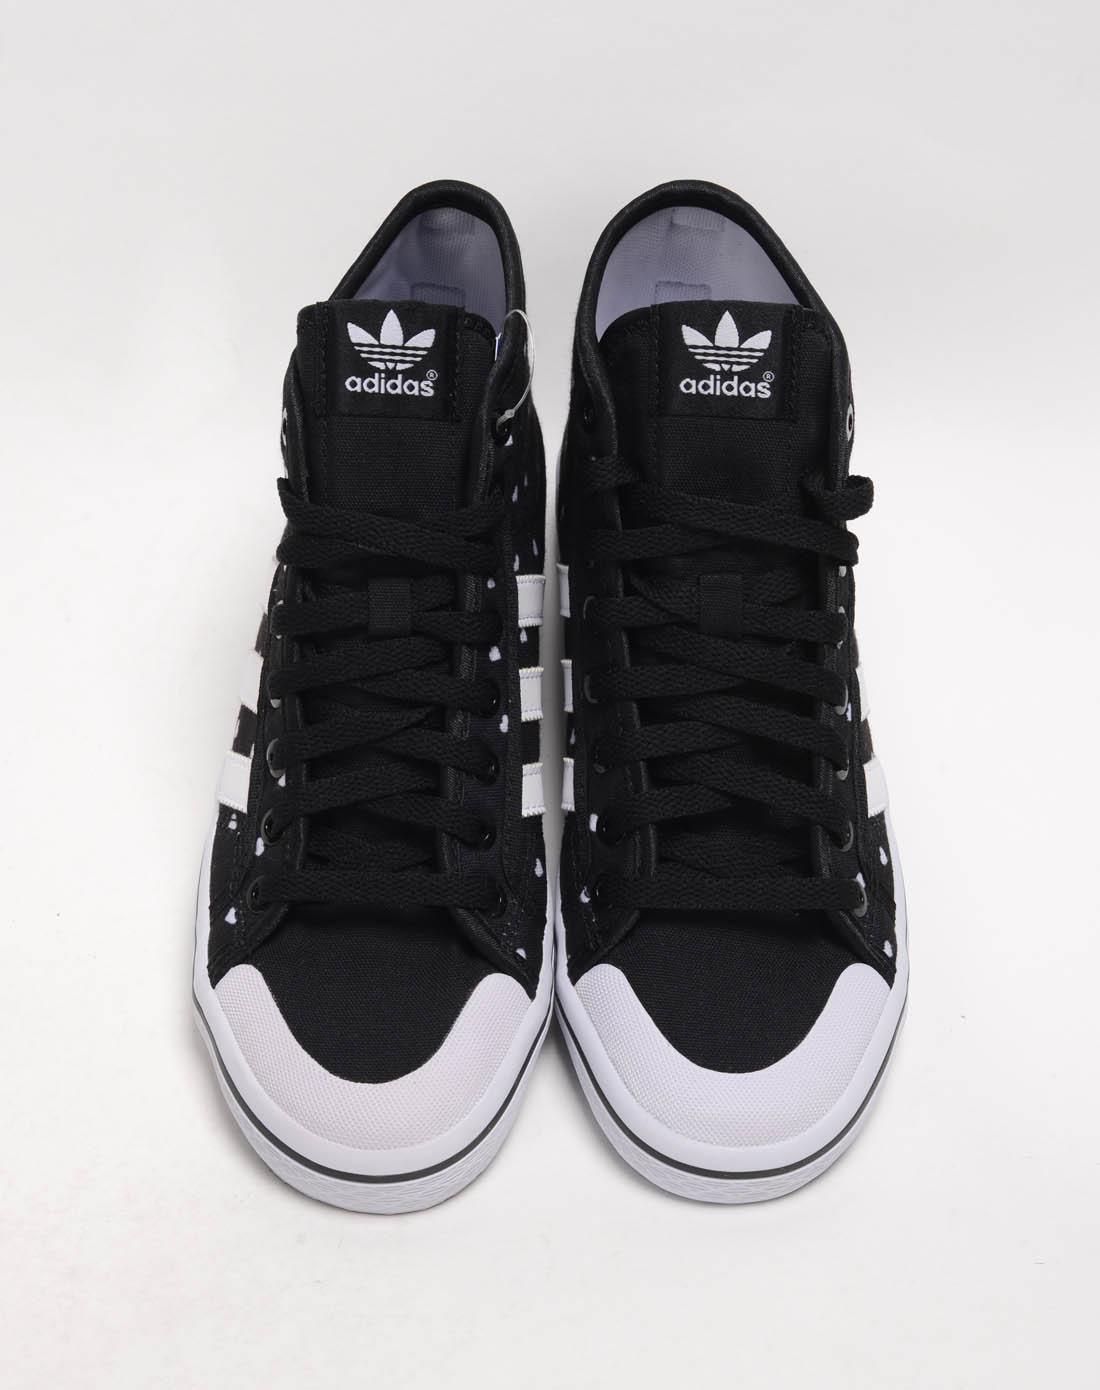 阿迪达斯adidas女鞋专场-女子黑色复古鞋